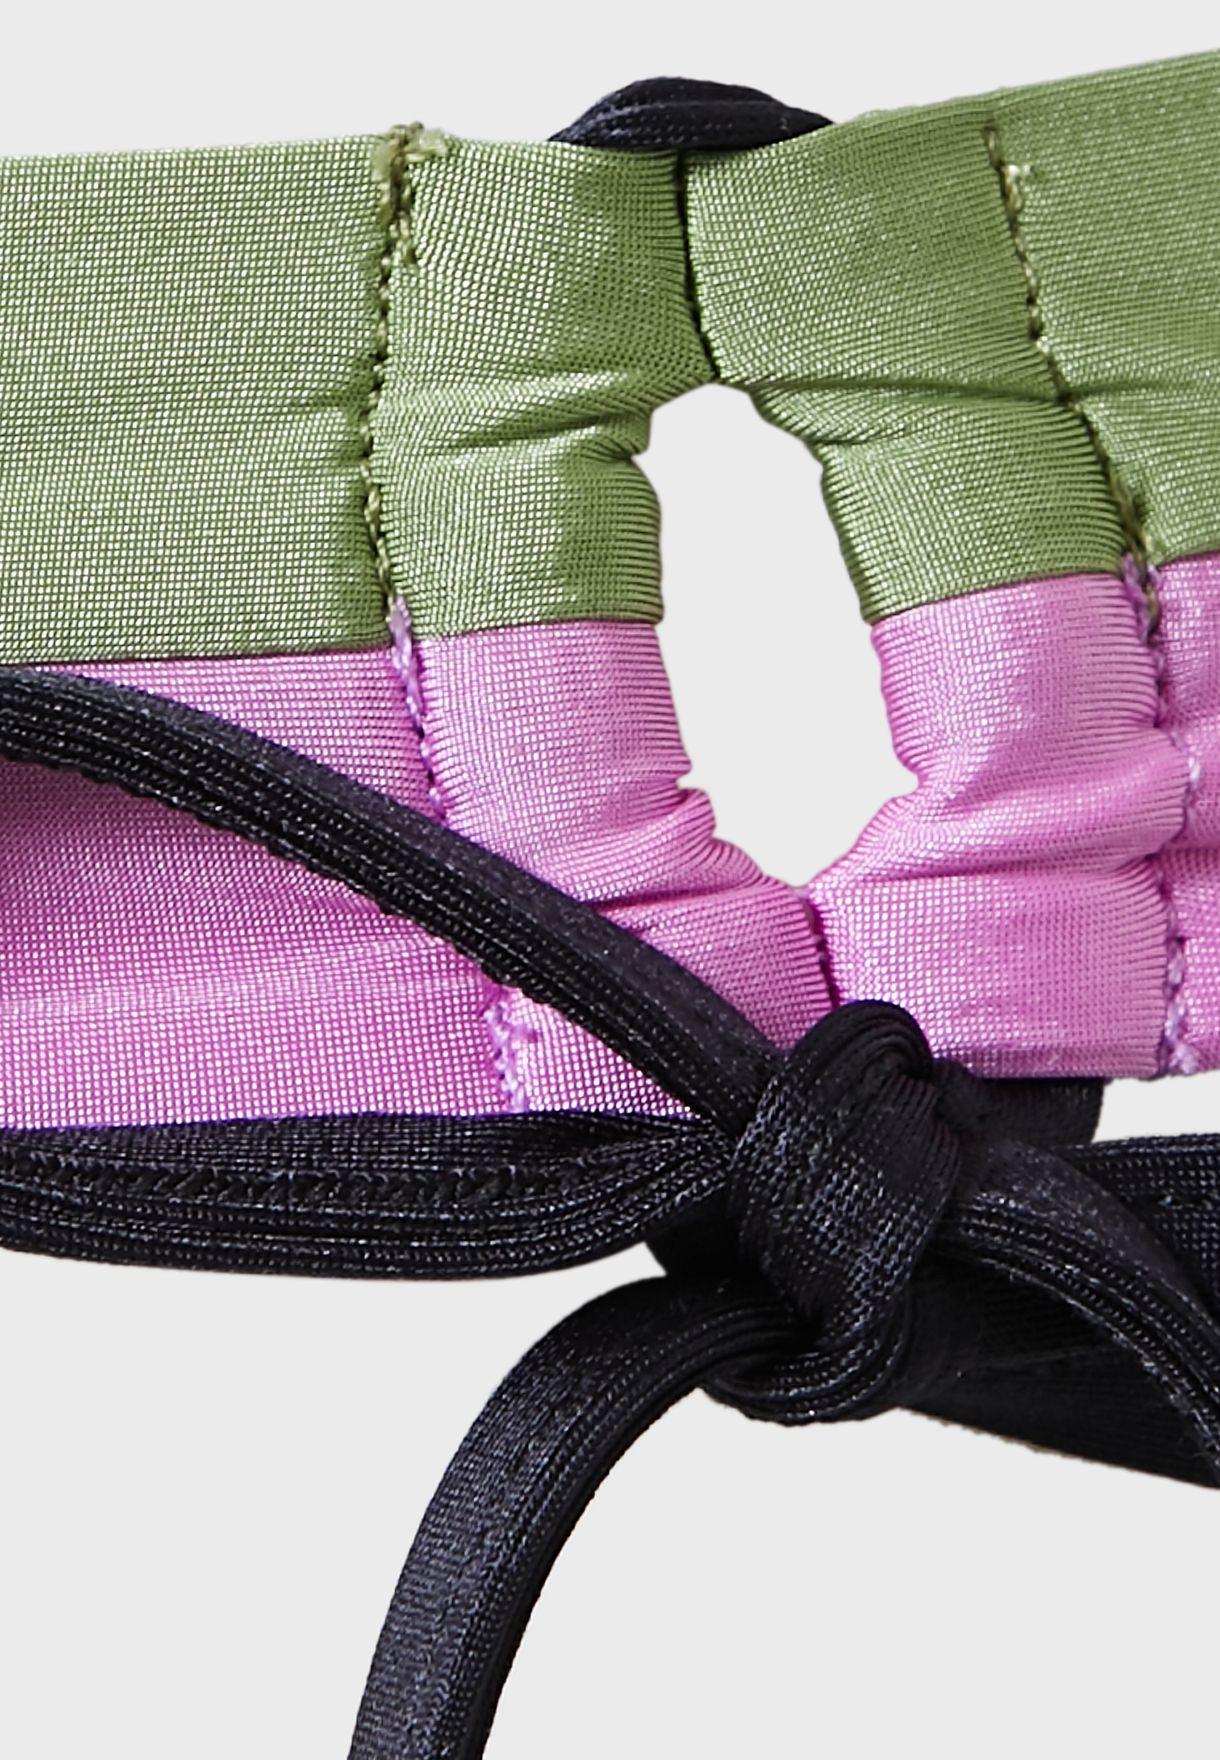 سروال بيكيني بأربطة جانبية وطبعات